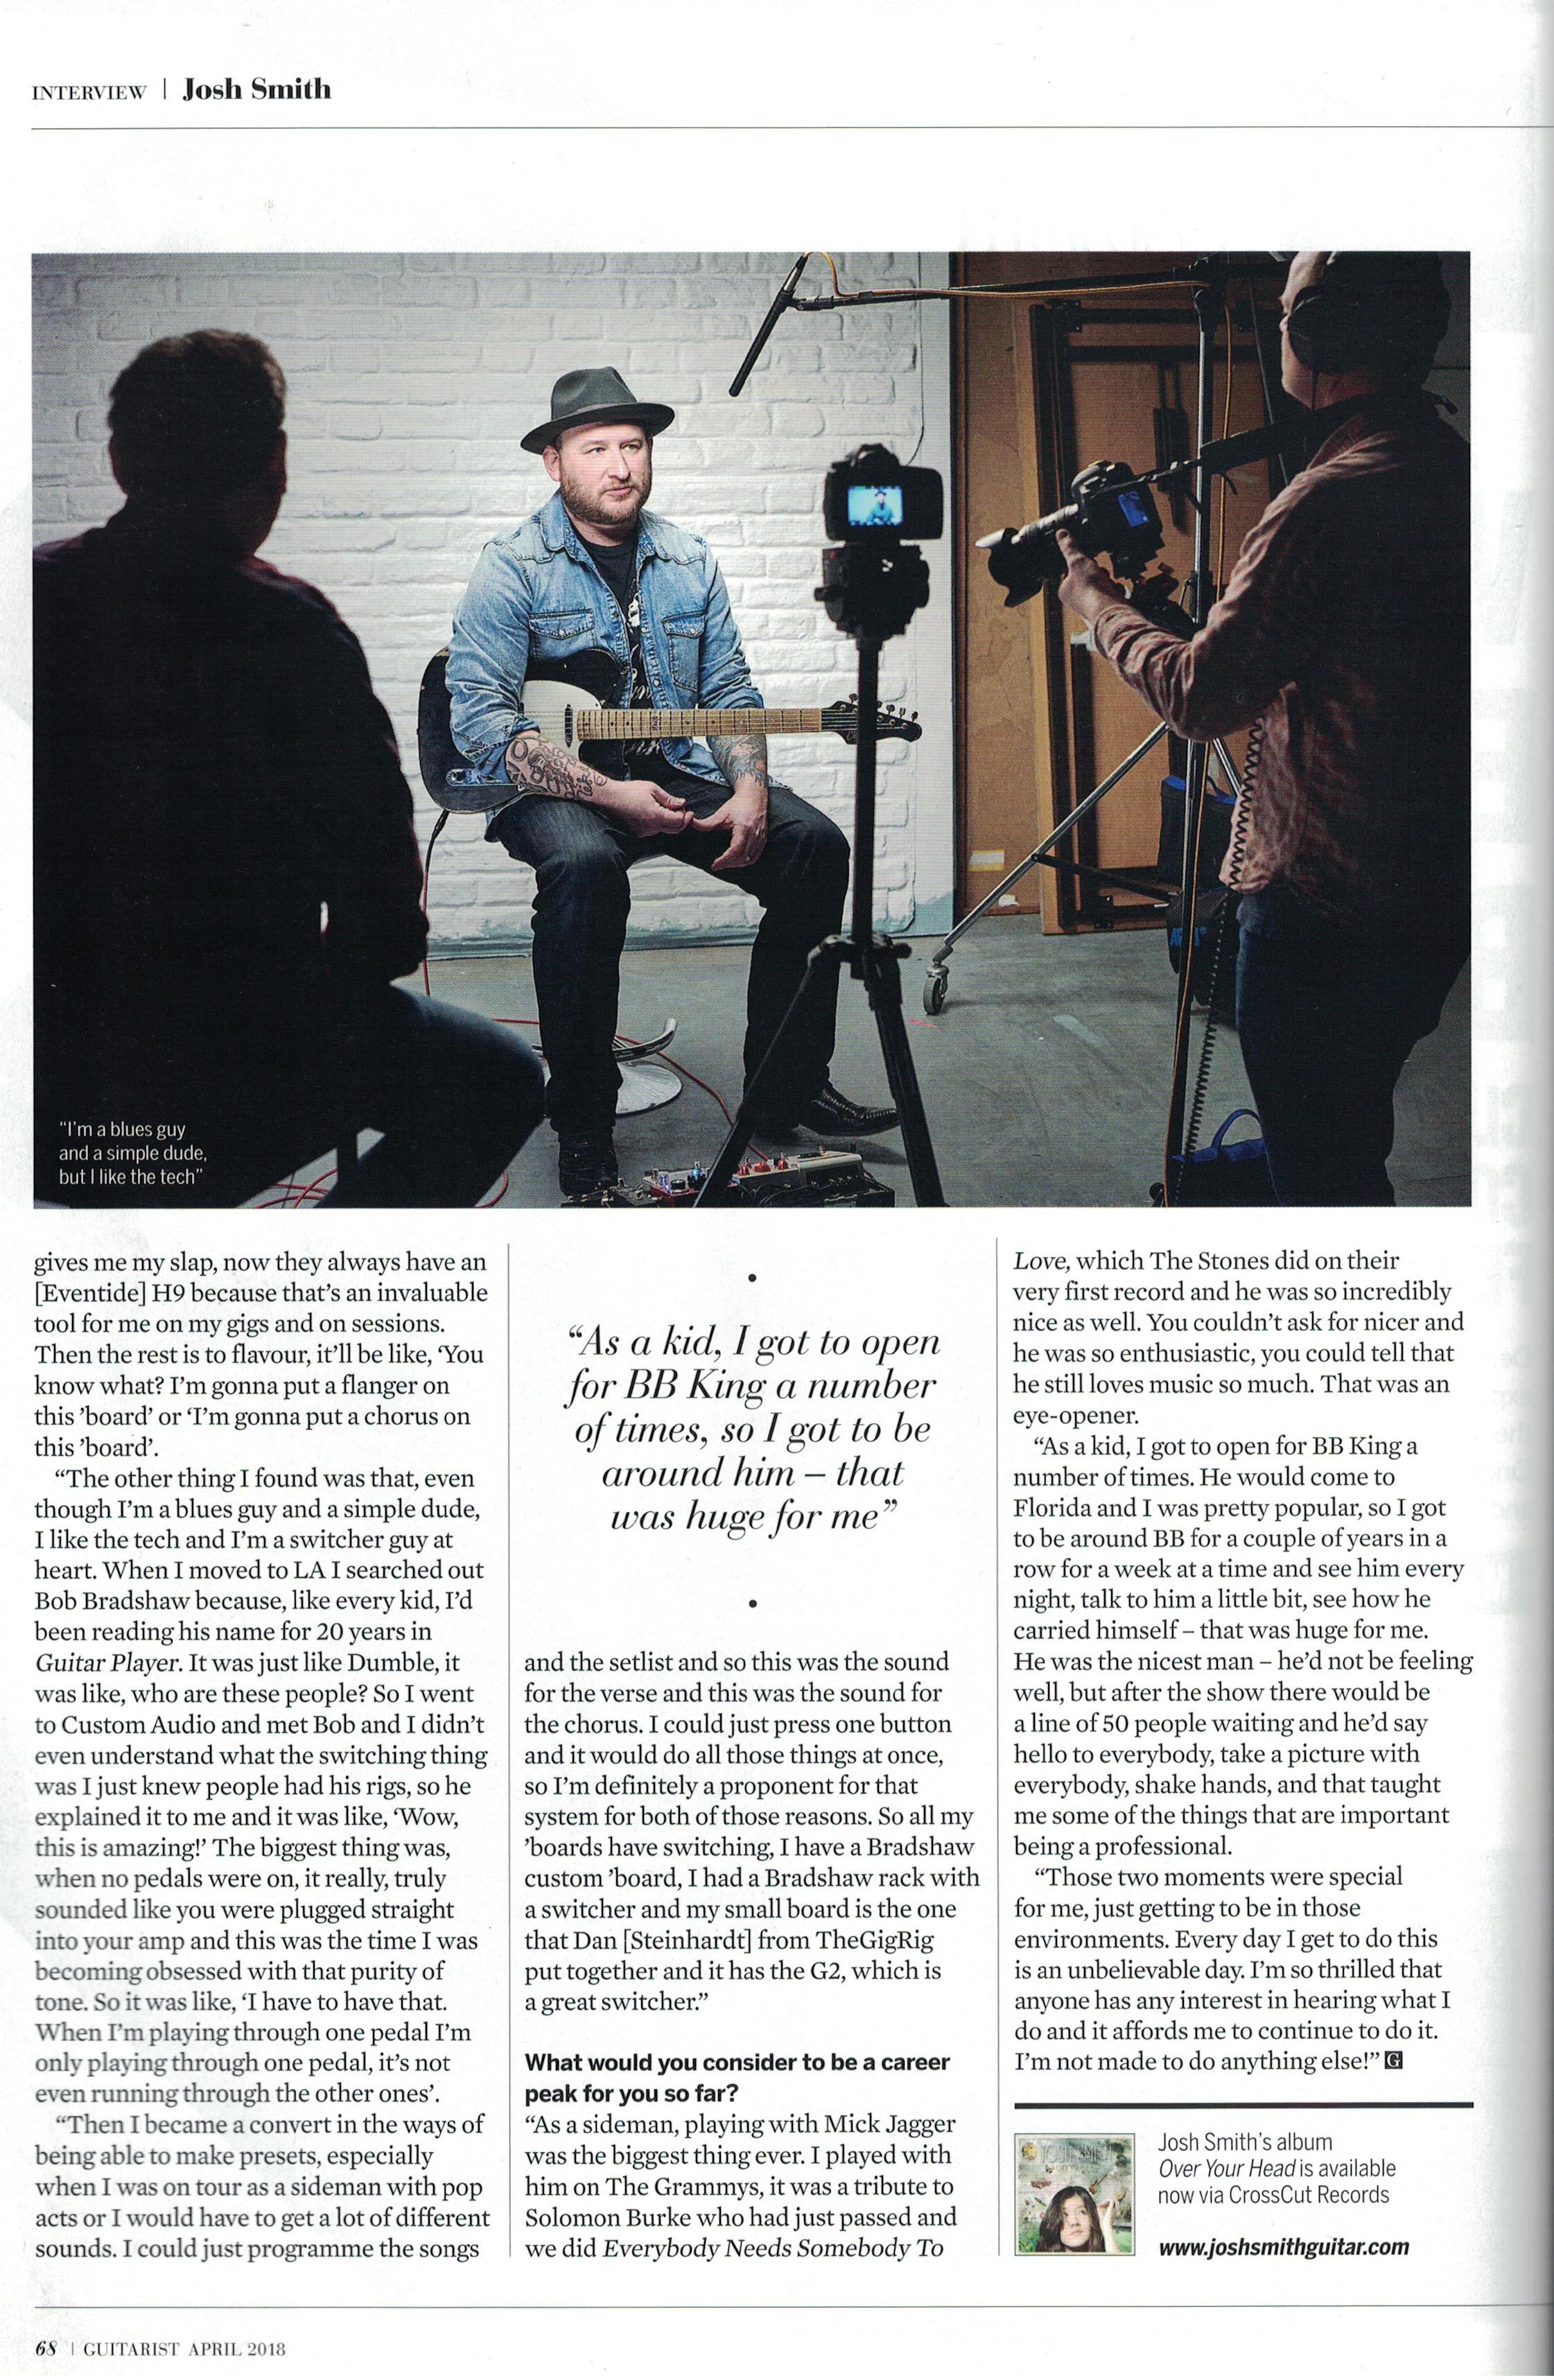 Guitarist page 4.jpeg